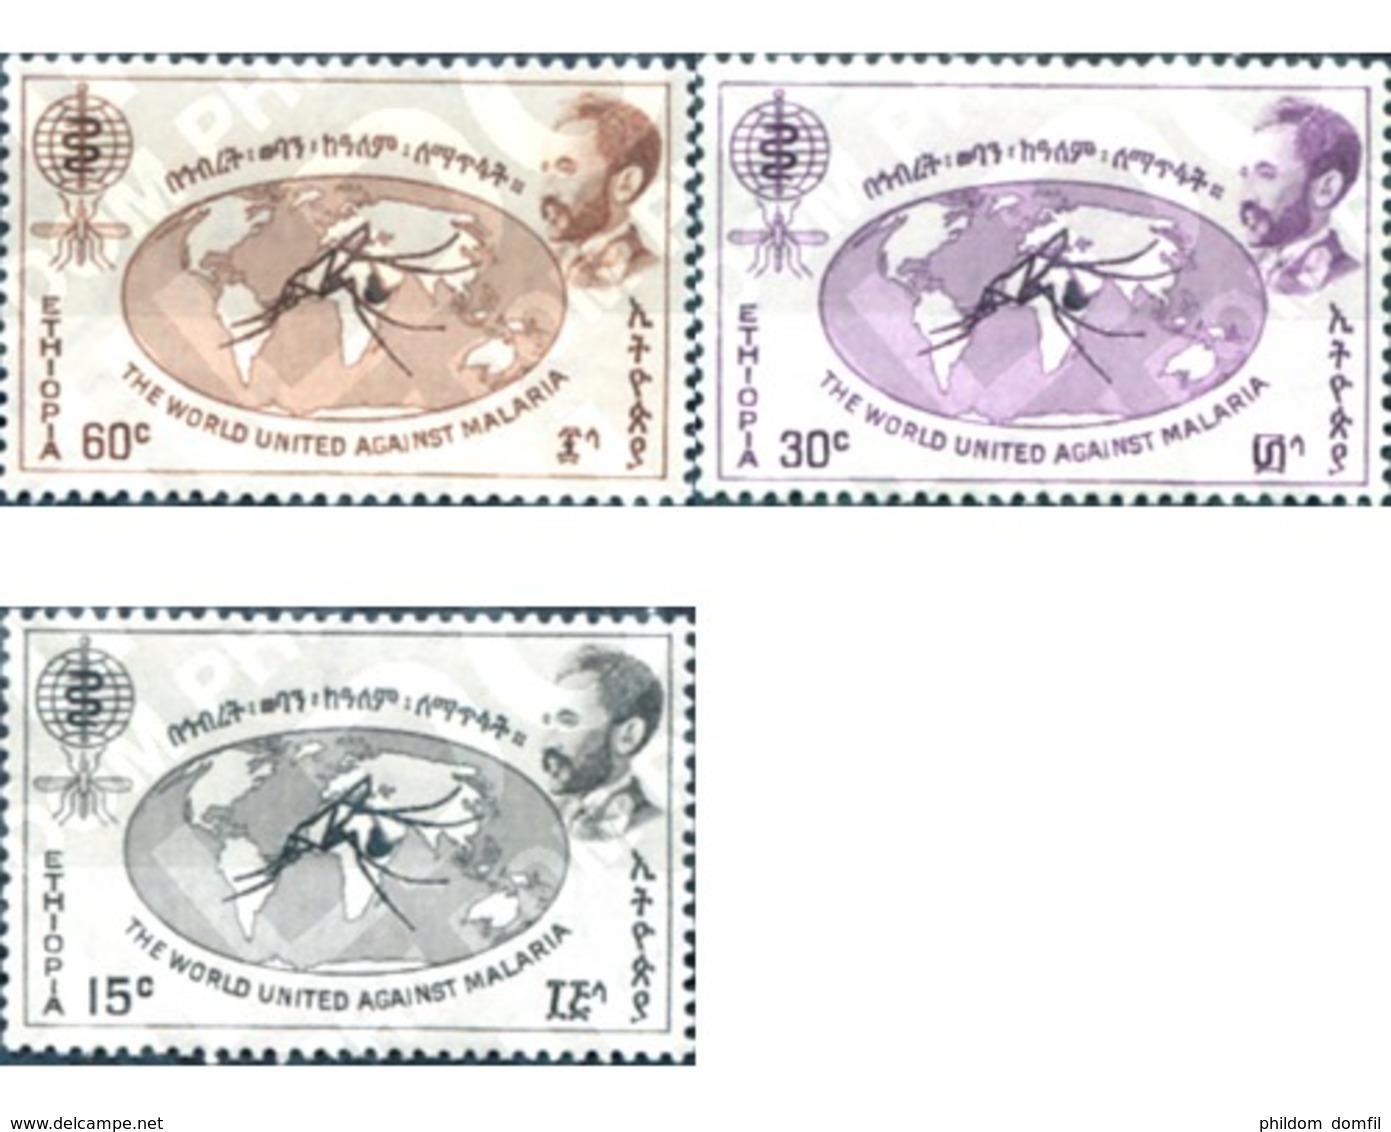 Ref. 29392 * MNH * - ETHIOPIA. 1962. DIA MUNDIAL CONTRA LA MALARIA - Ethiopie